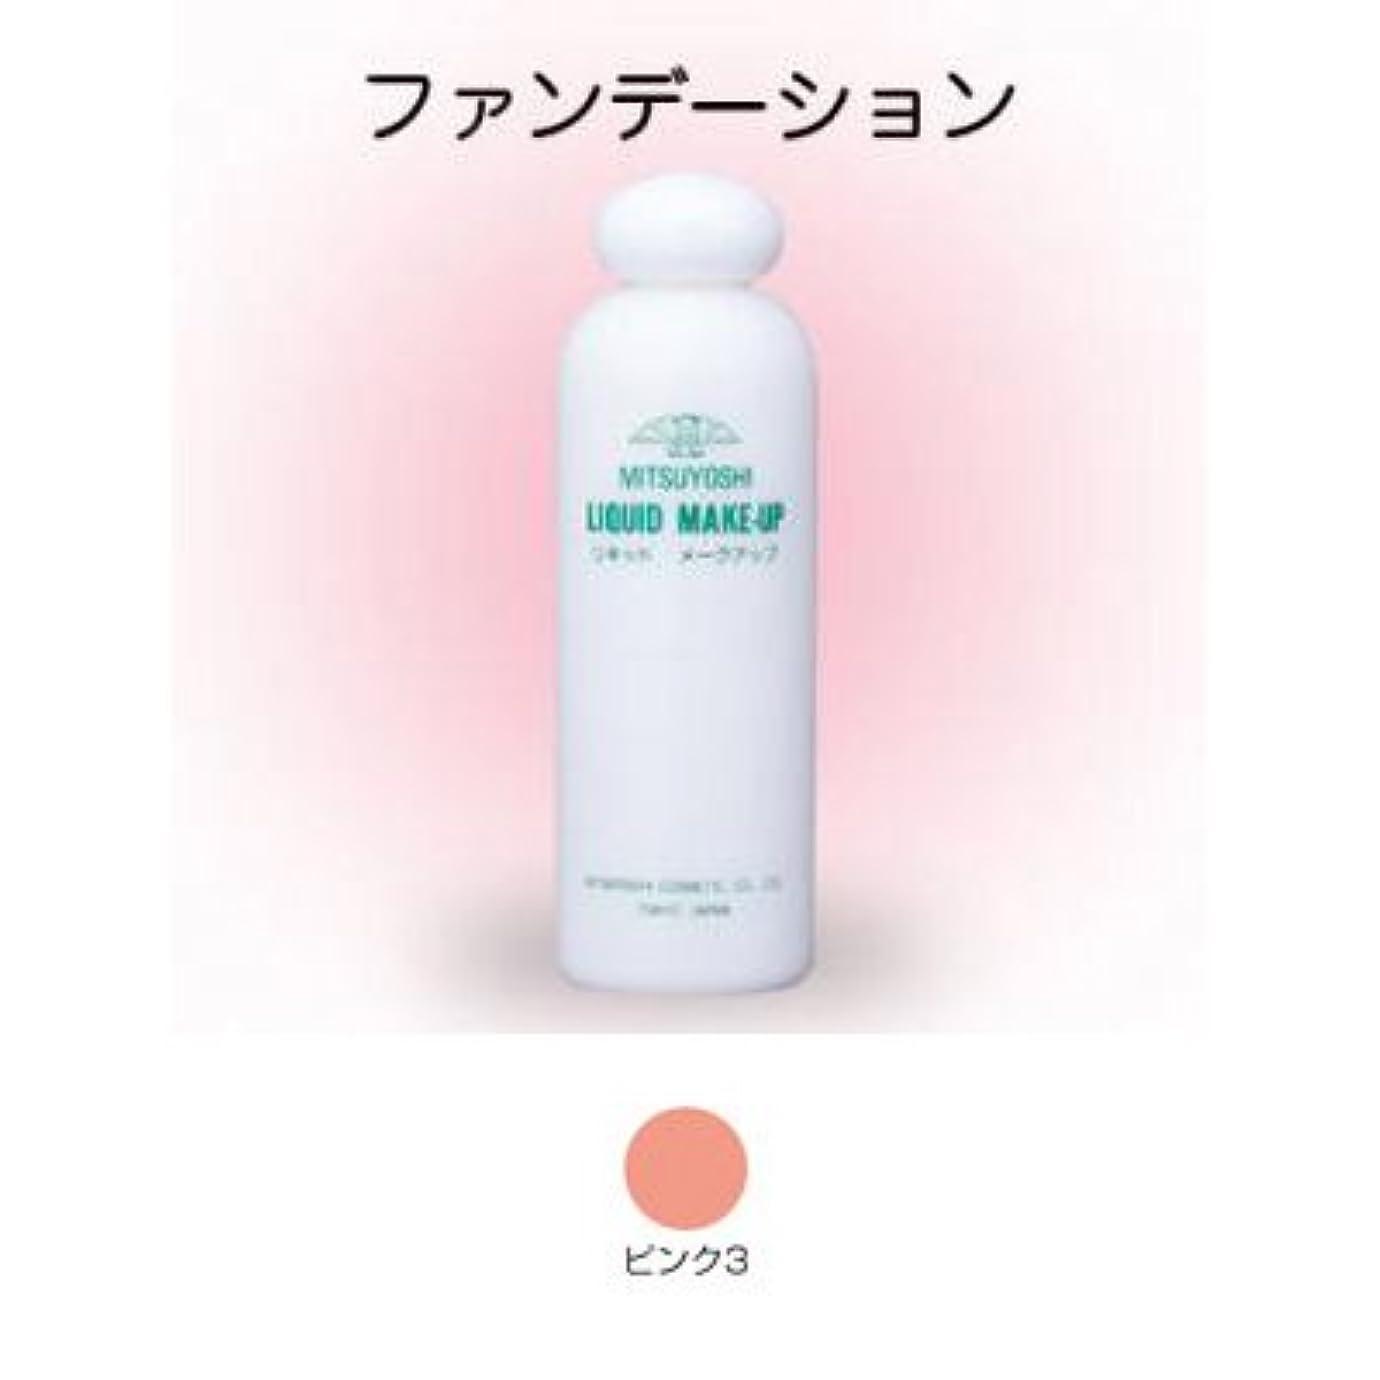 家庭乞食パーティションリキッドメークアップ 200ml ピンク3 【三善】